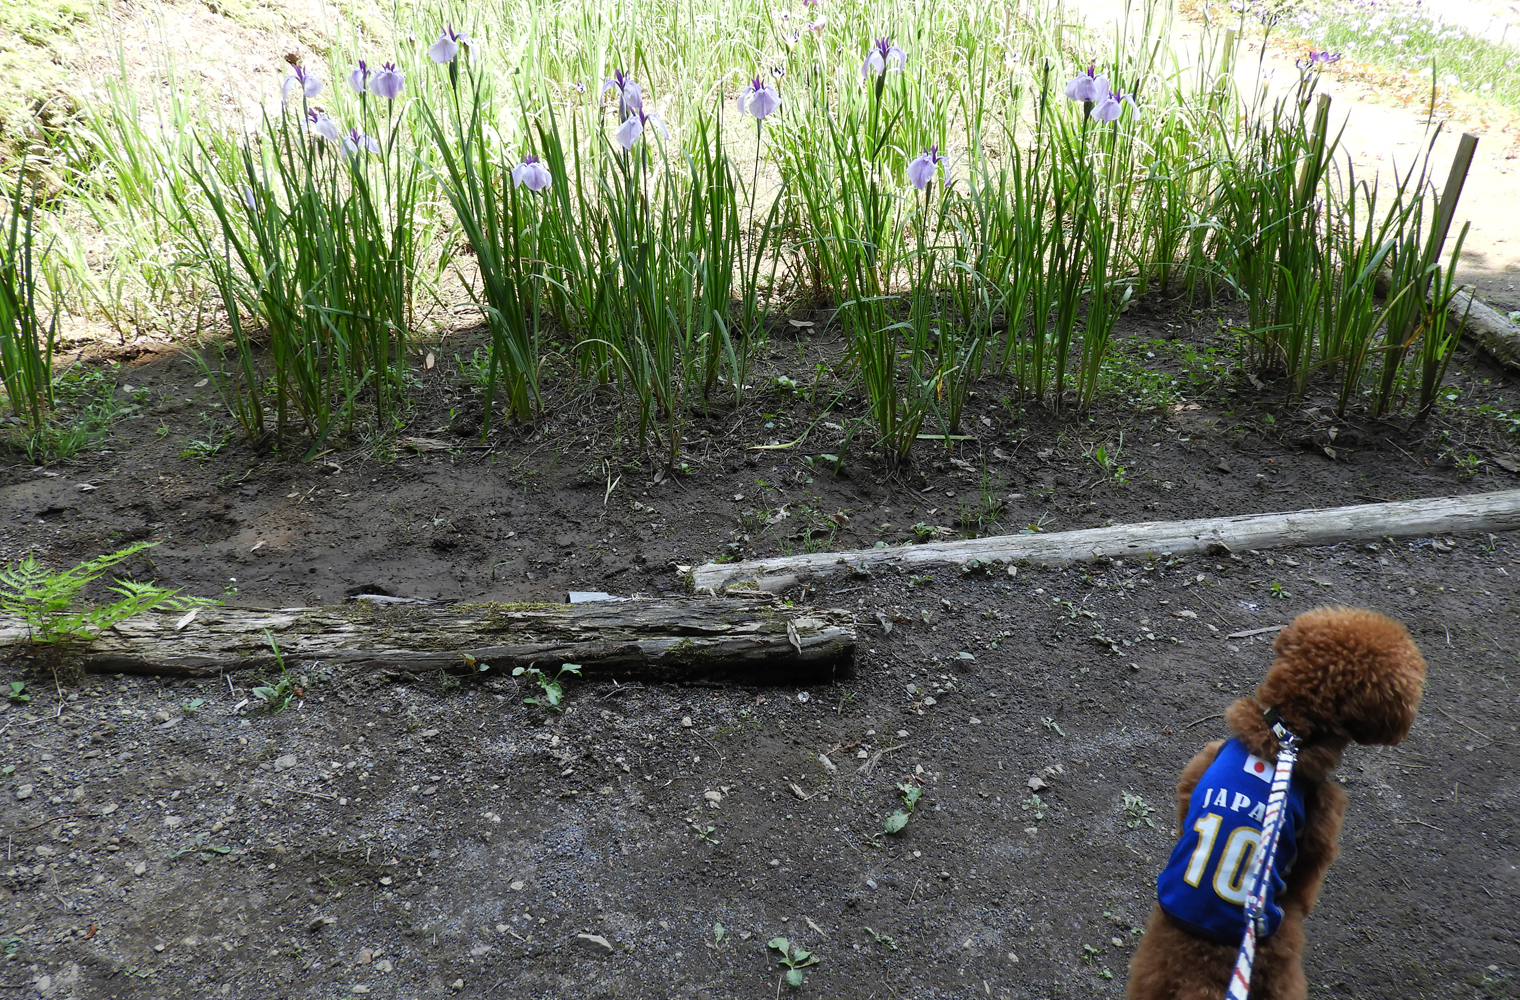 伊豆高原花しょうぶ園でしょうぶ散歩(伊東市)